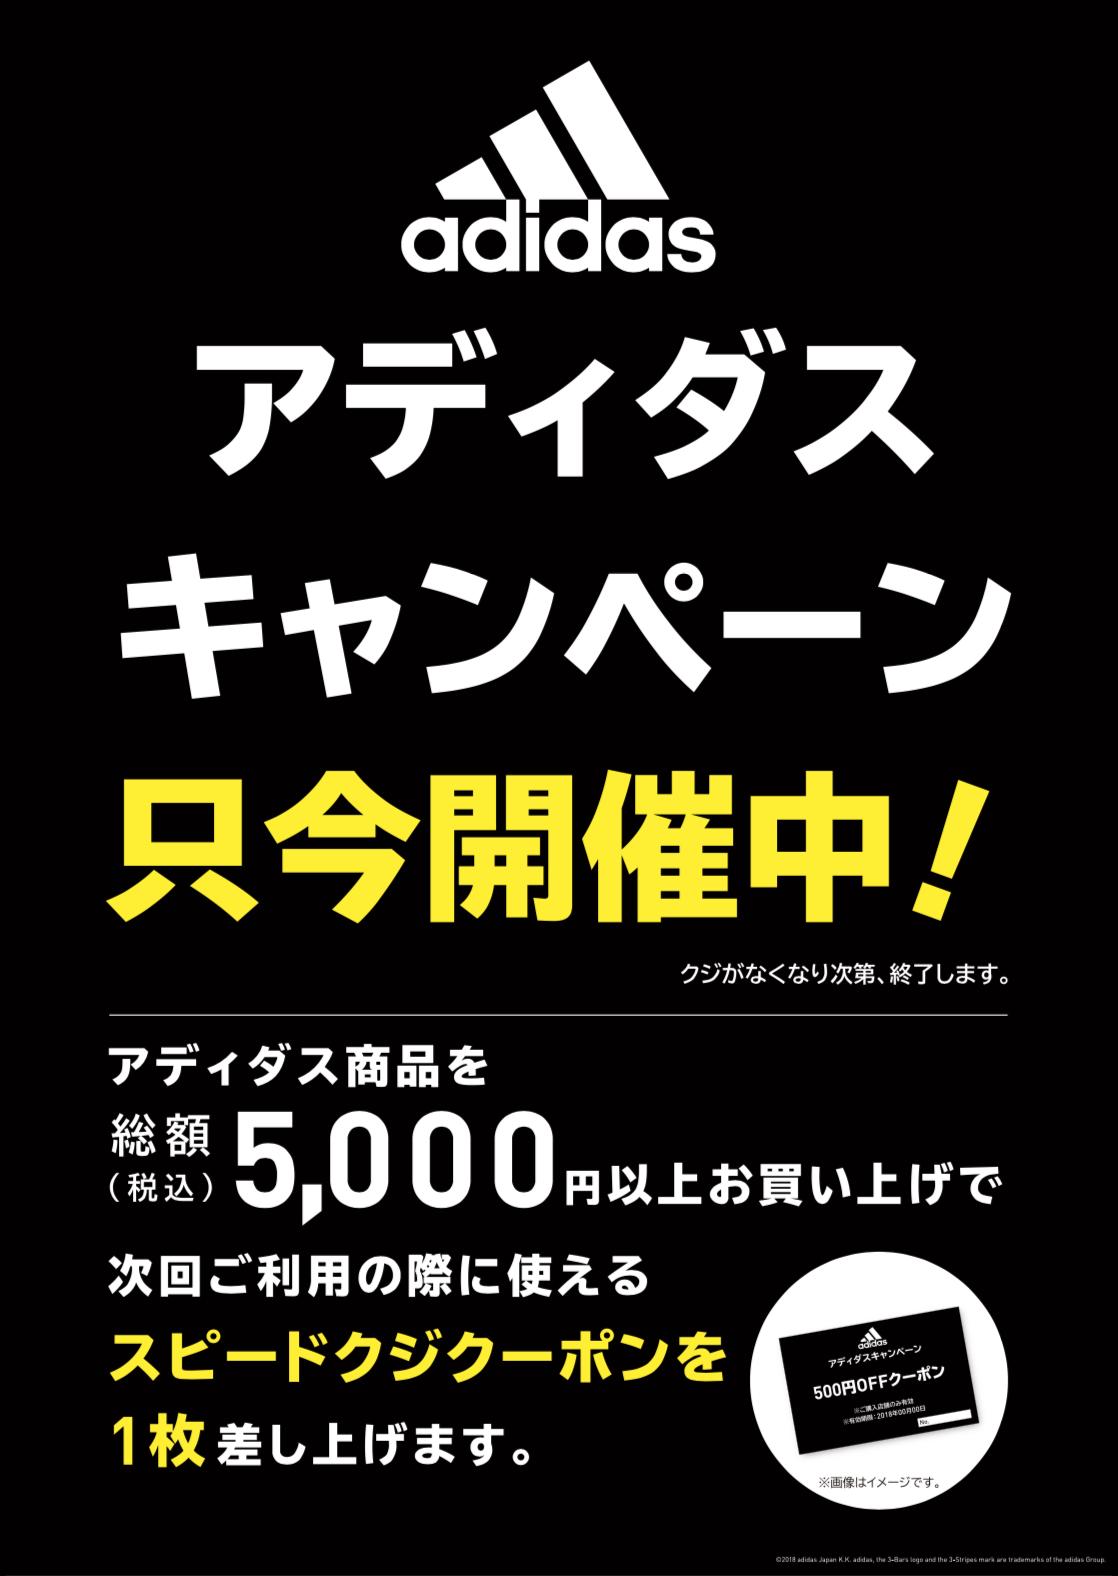 【アディダスクーポンキャンペーン開催】 10/6~